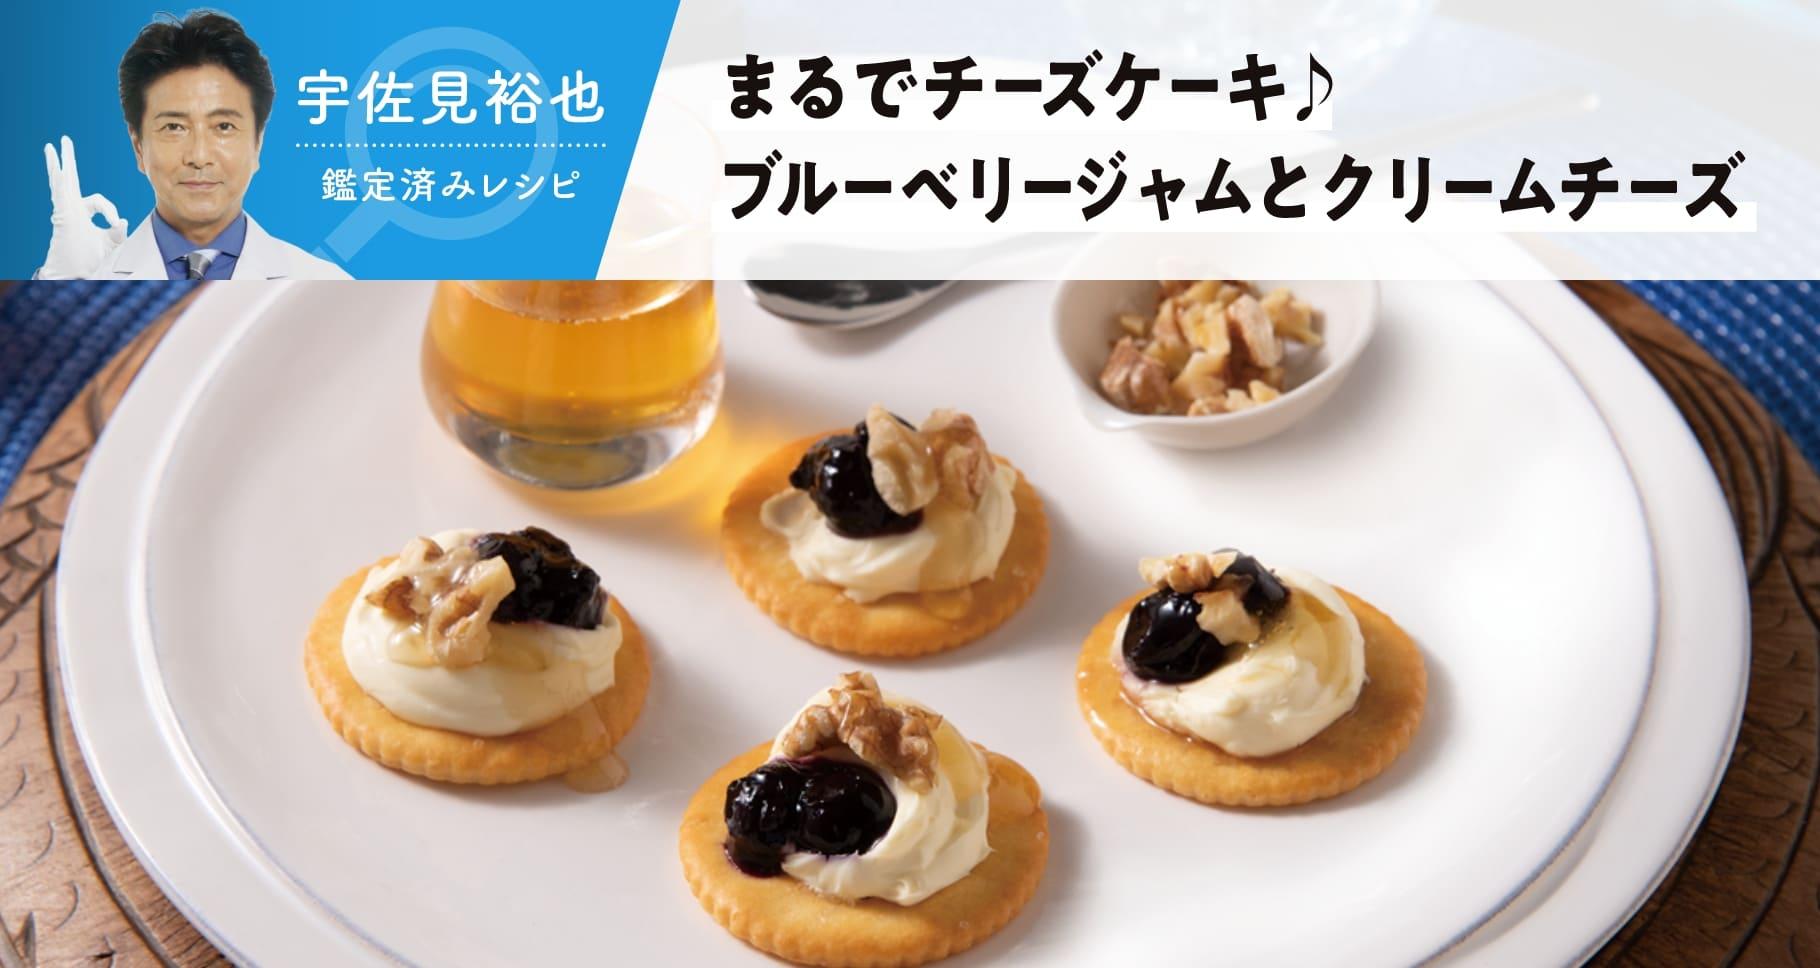 宇佐見裕也 まるでチーズケーキ ブルーベリジャムとクリームチーズ